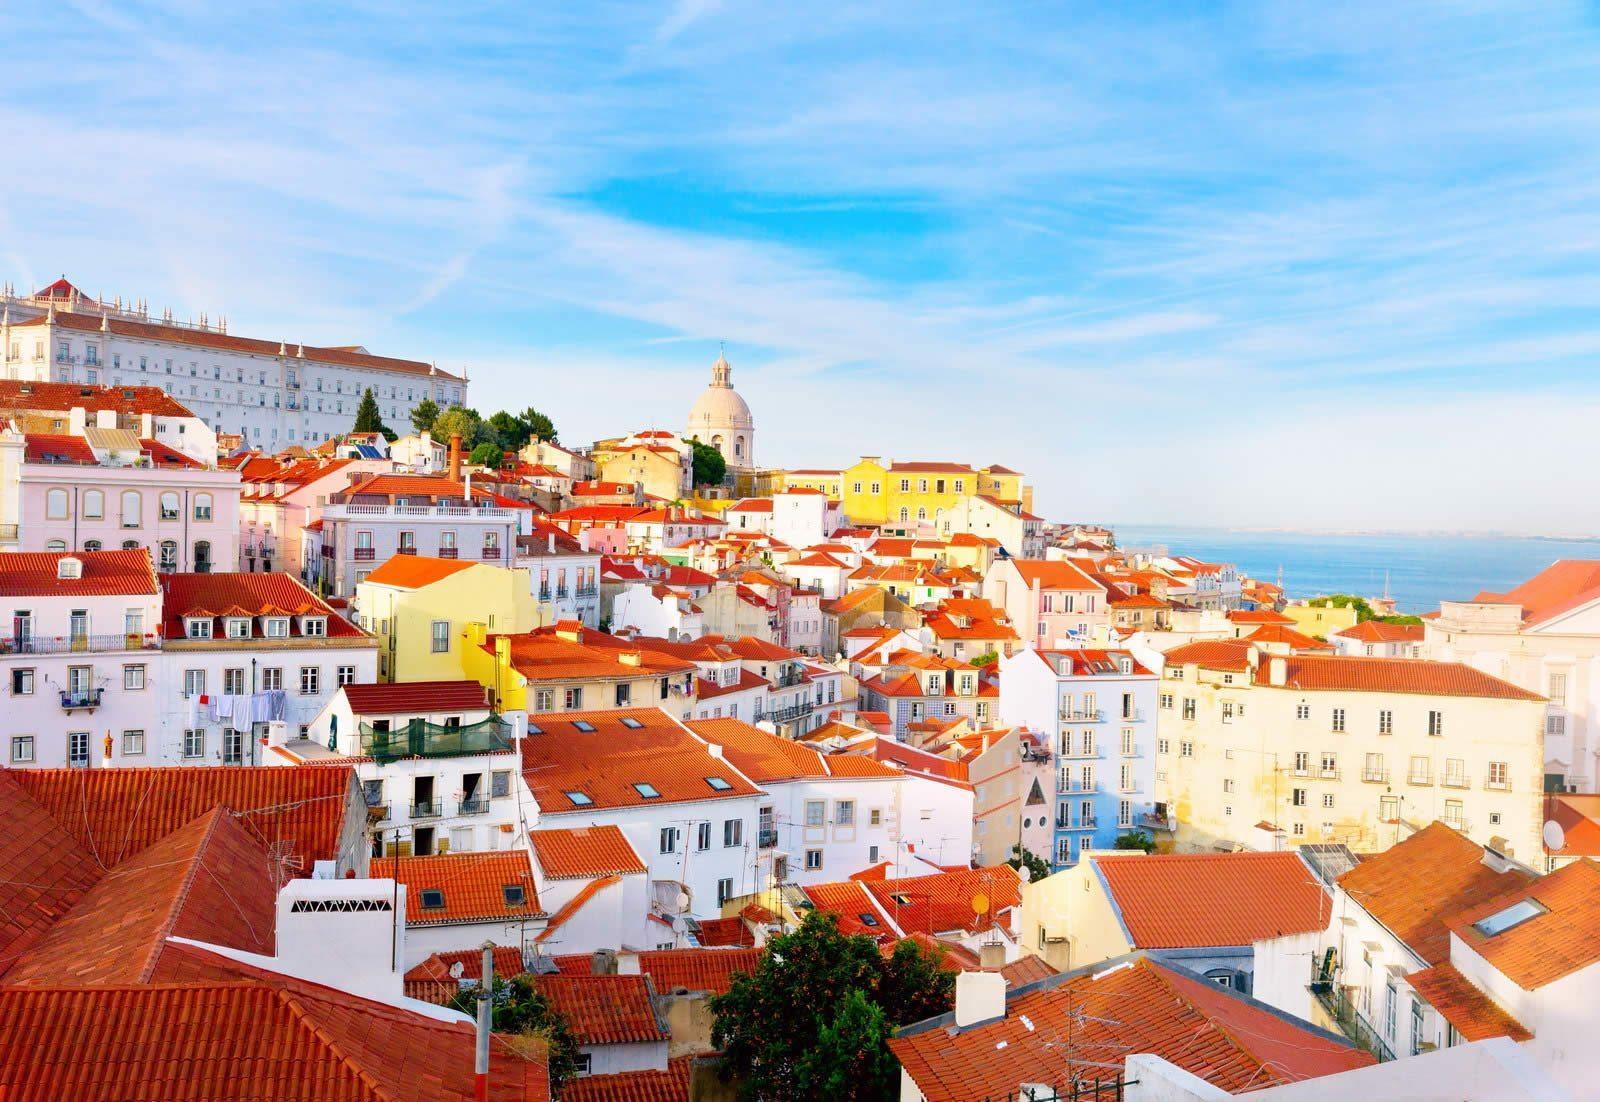 beaux-quartiers-lisbonne-portugal-bord-mer-historique-charme-gothique